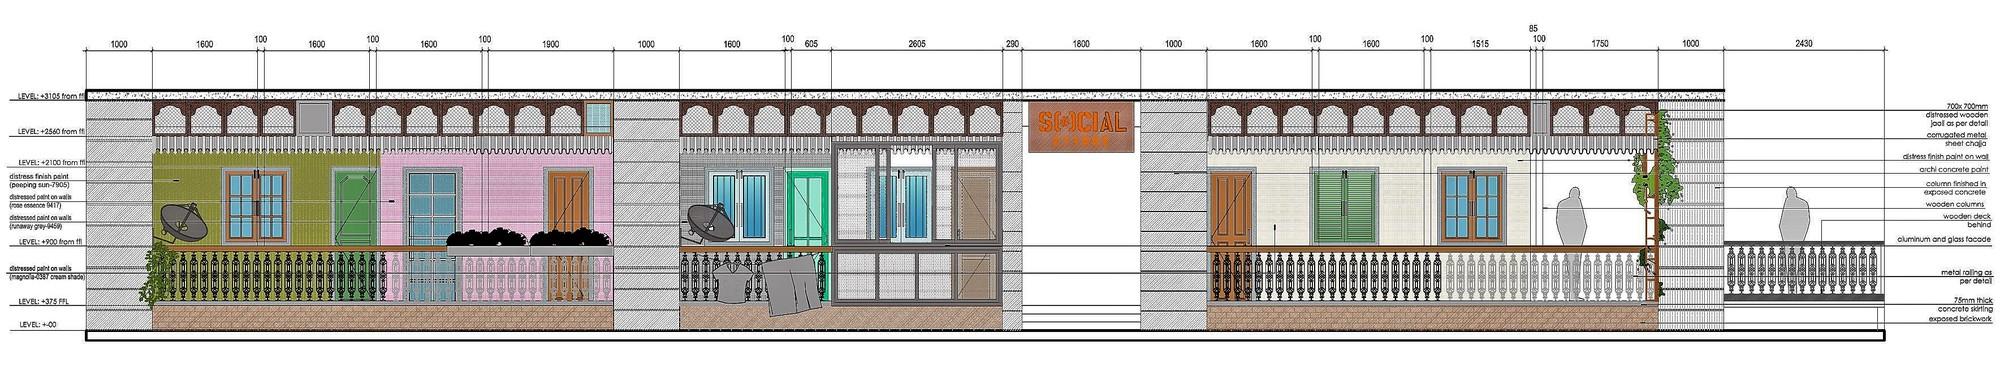 Gallery of Cyber Hub Social / Chromed Design Studio - 15